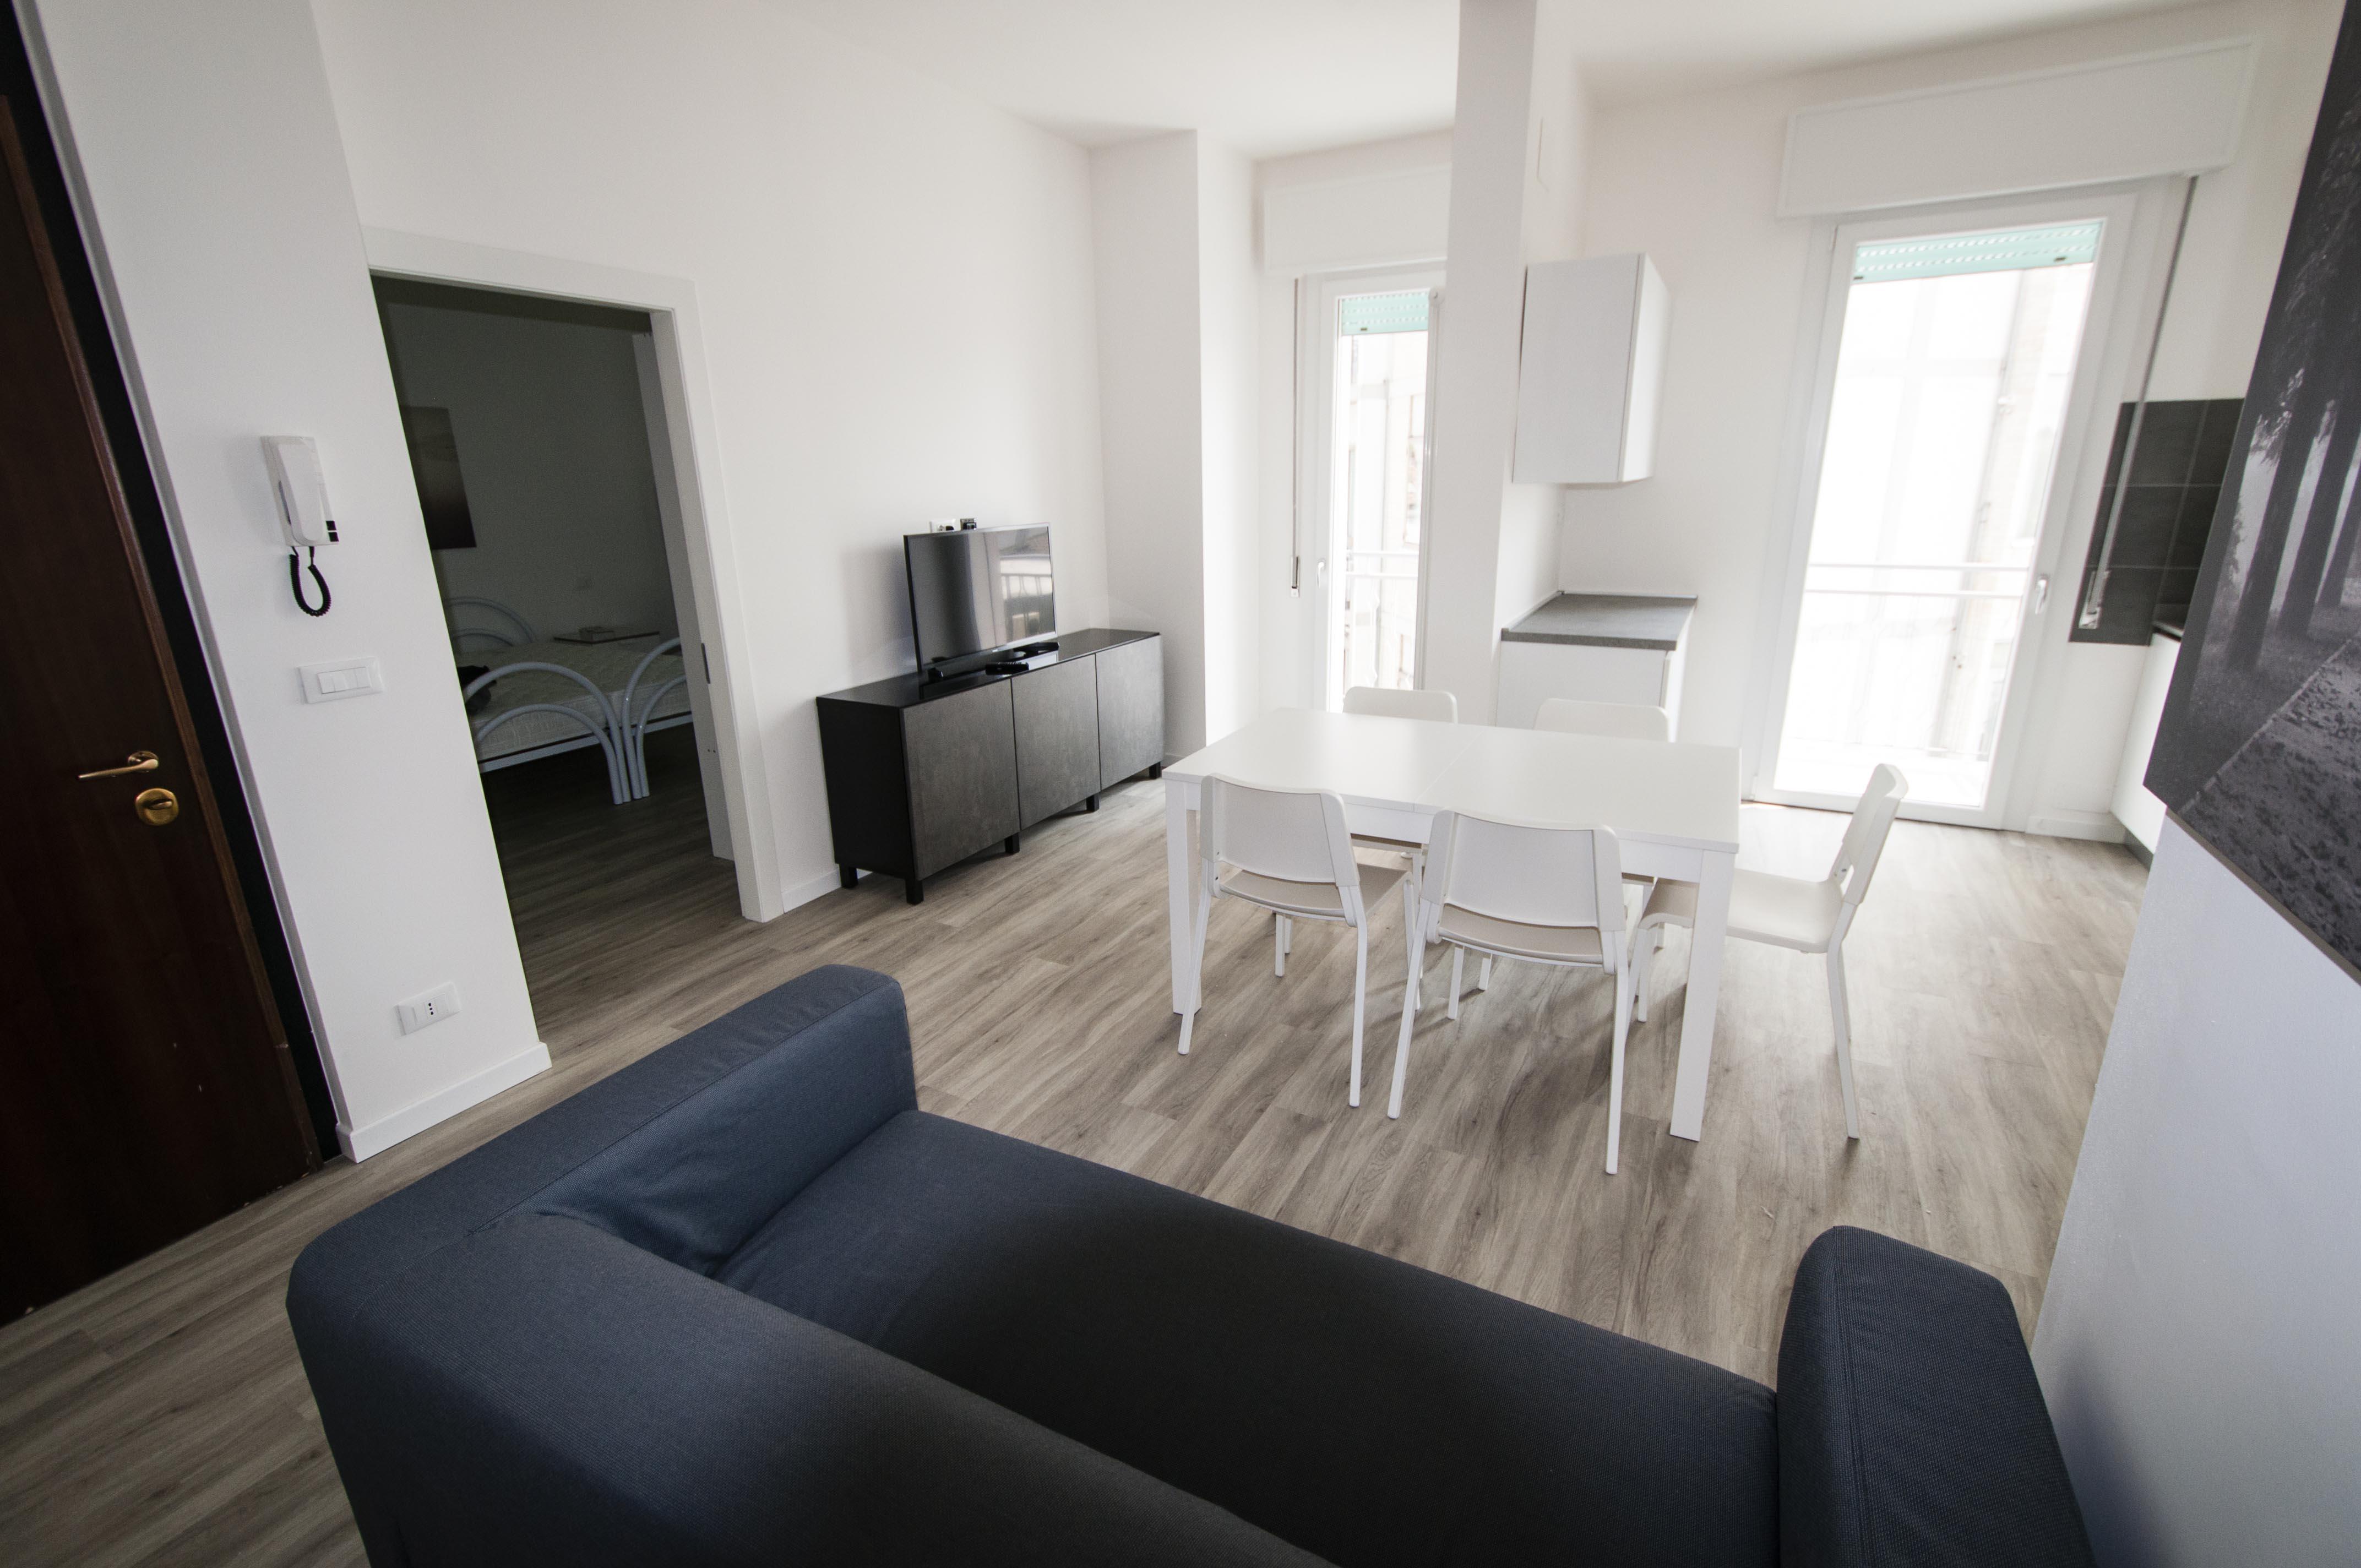 Camere in Affitto Treviso - Studio Architettura Zanatta 02